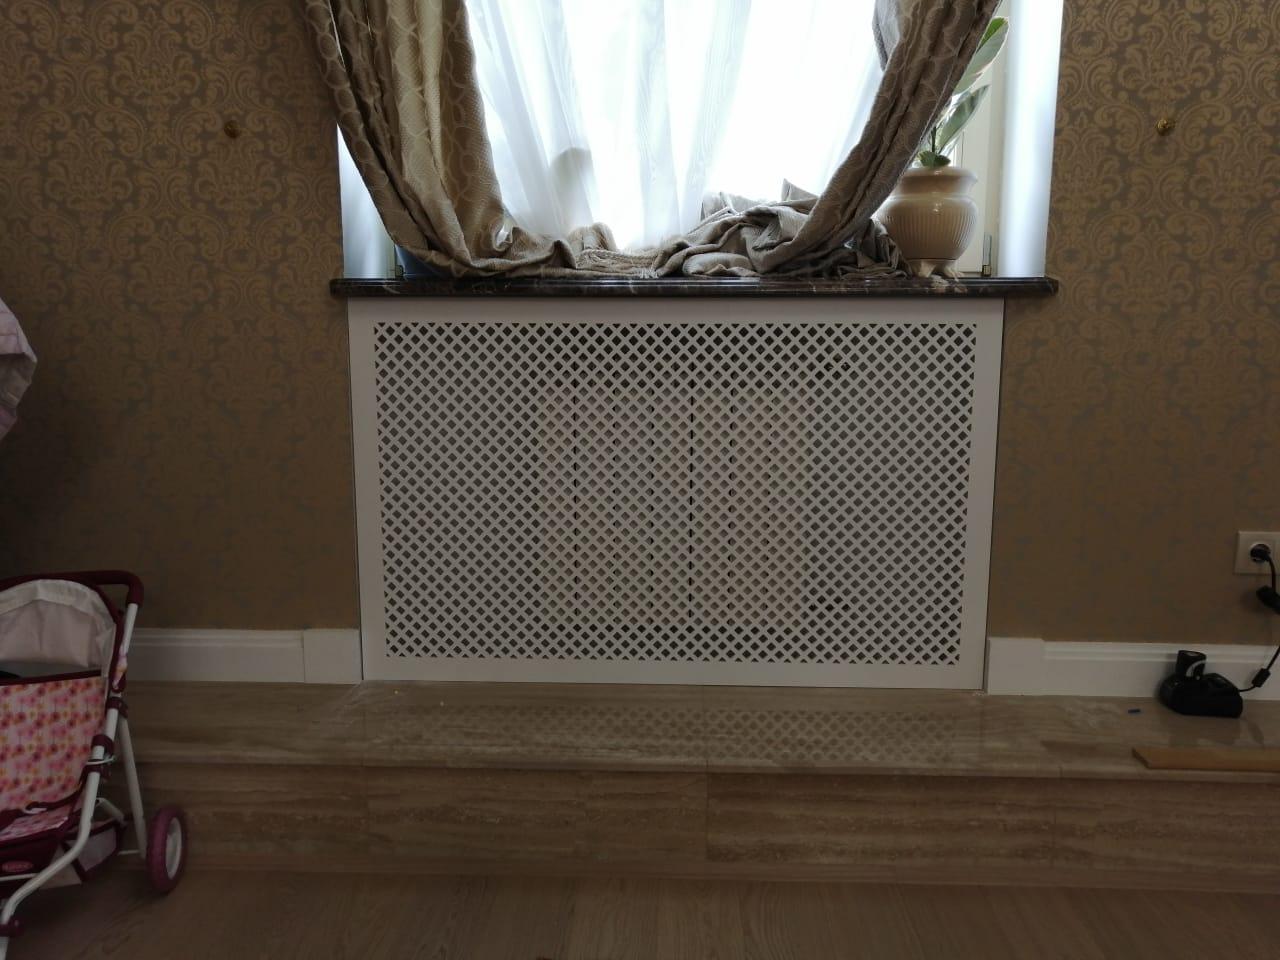 Декоративные экраны на радиаторы отопления в доме